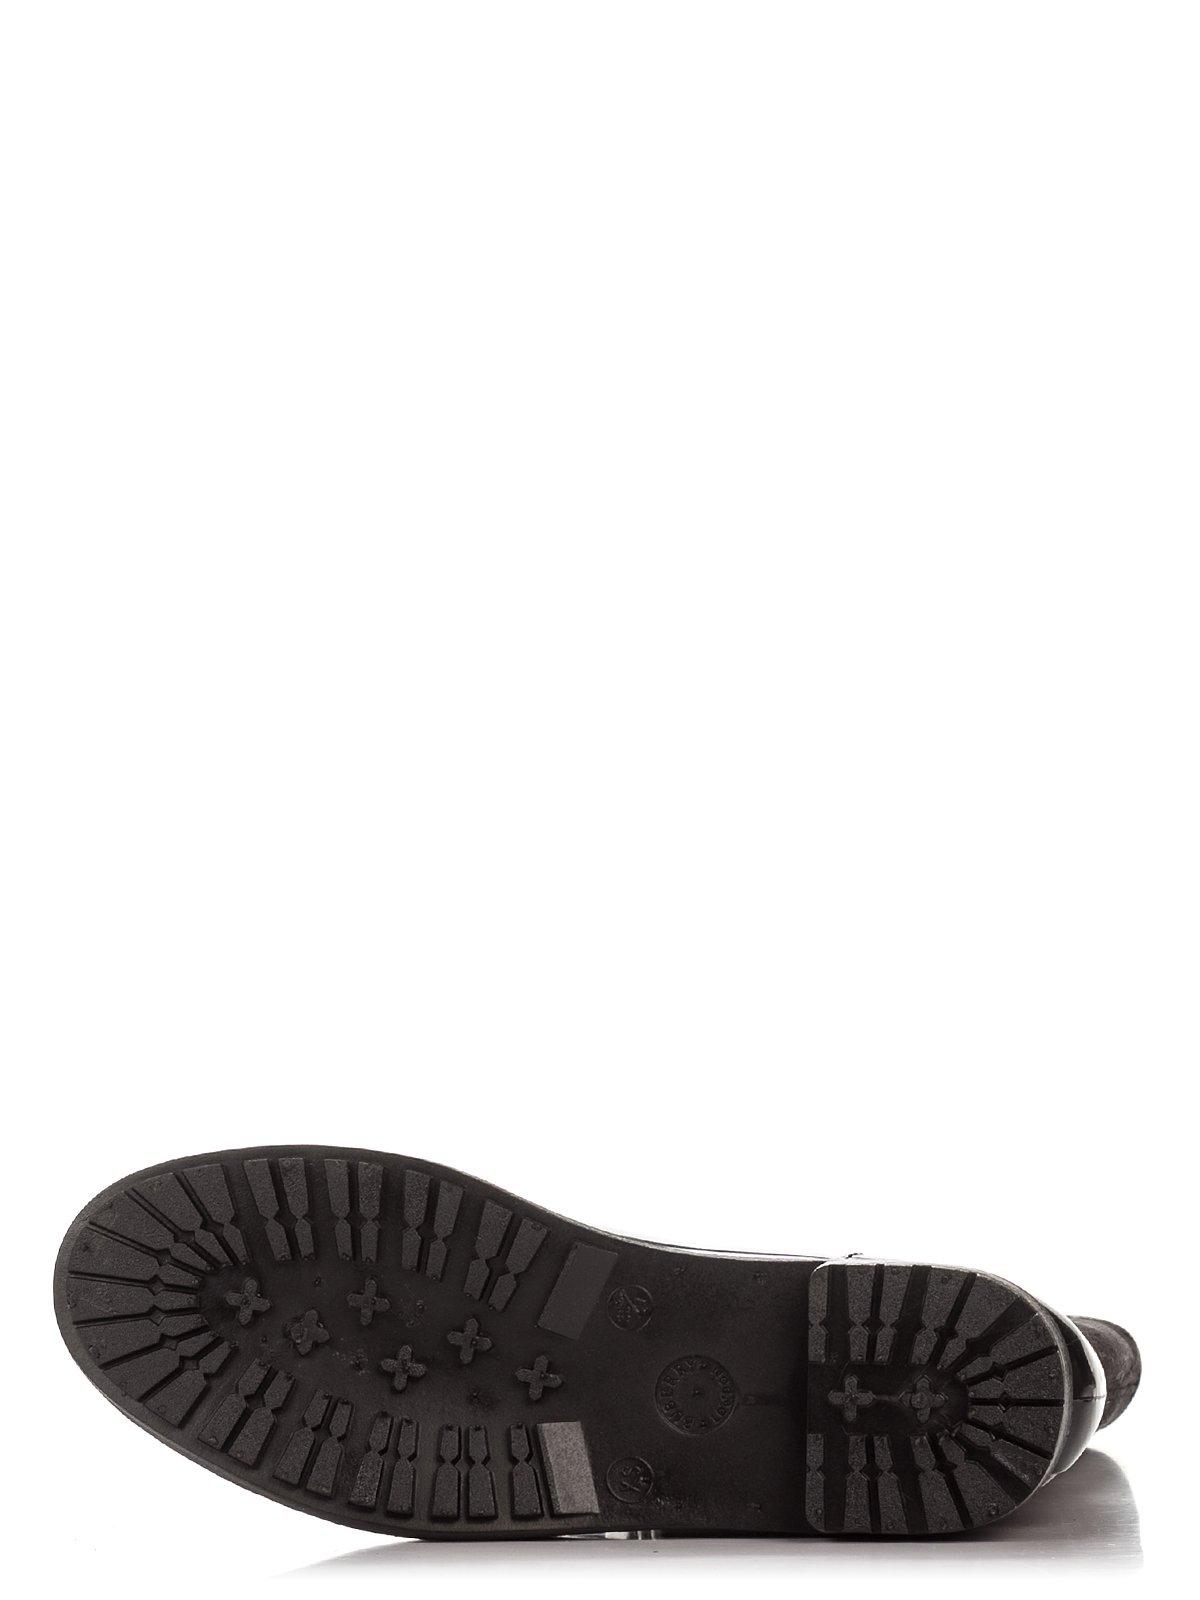 Сапоги черные комбинированные | 1384837 | фото 4